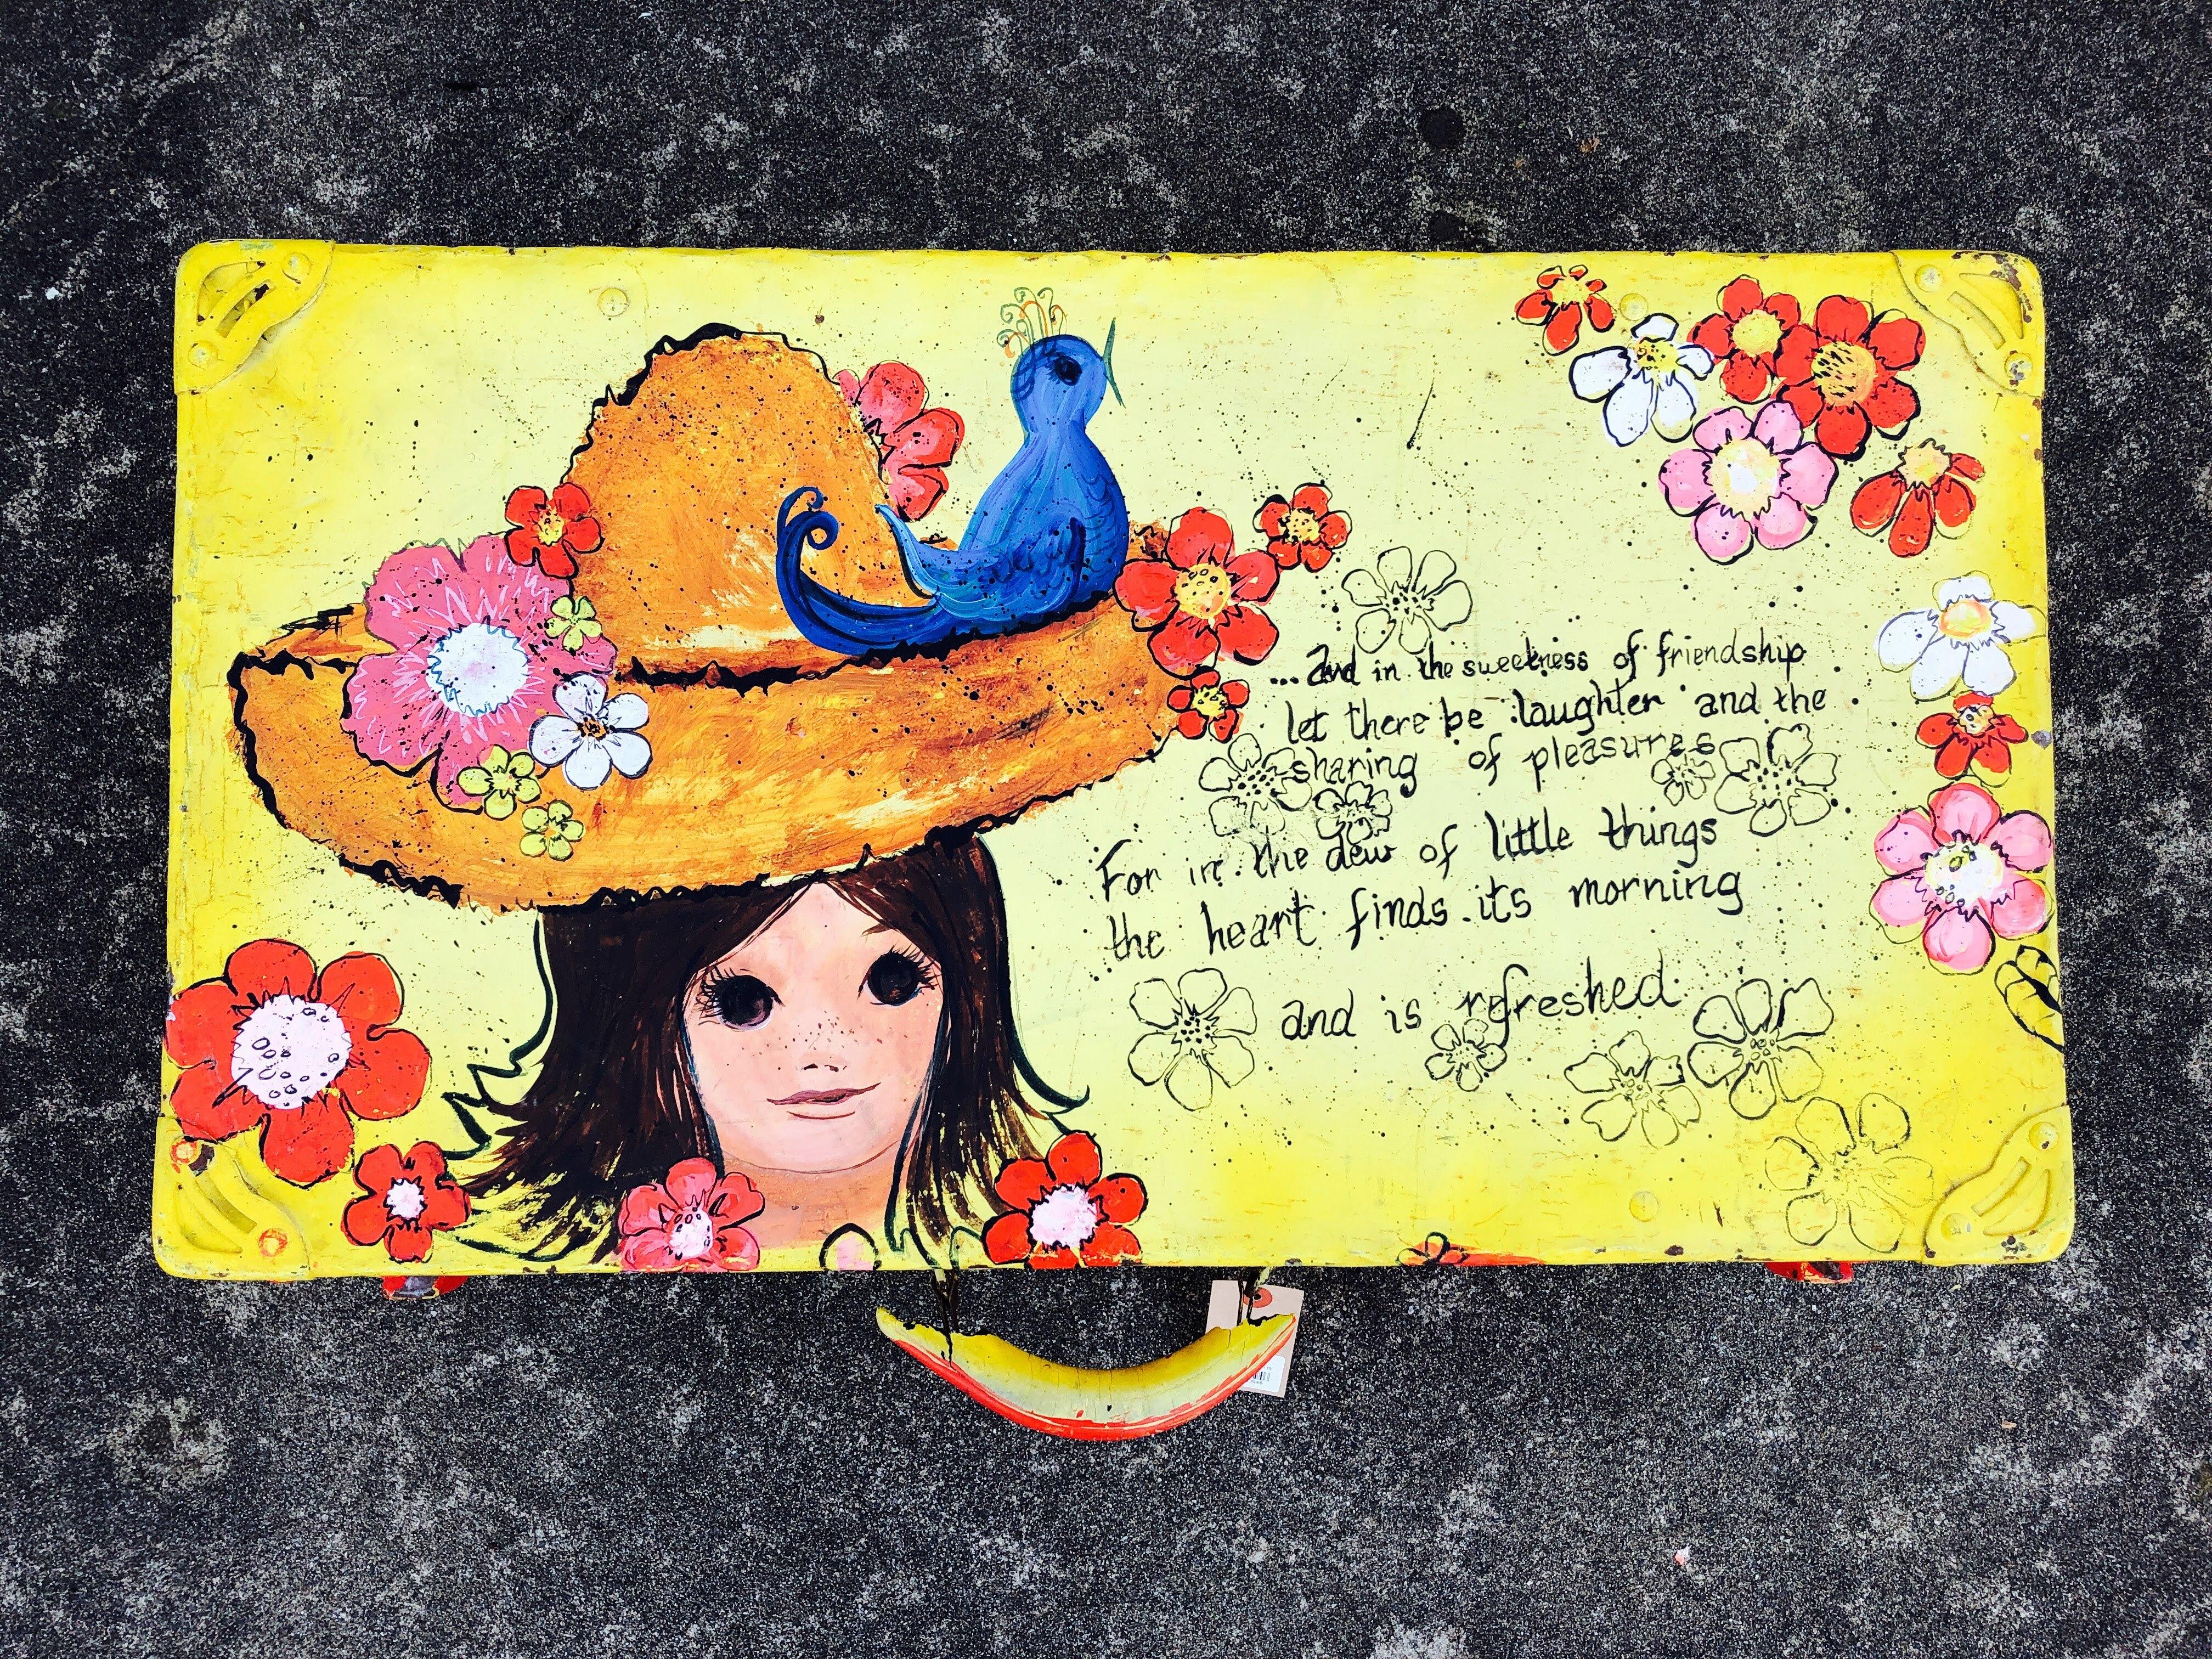 品番3946 スーツケース トランク 少女 花 イエロー トラベルケース ヴィンテージ